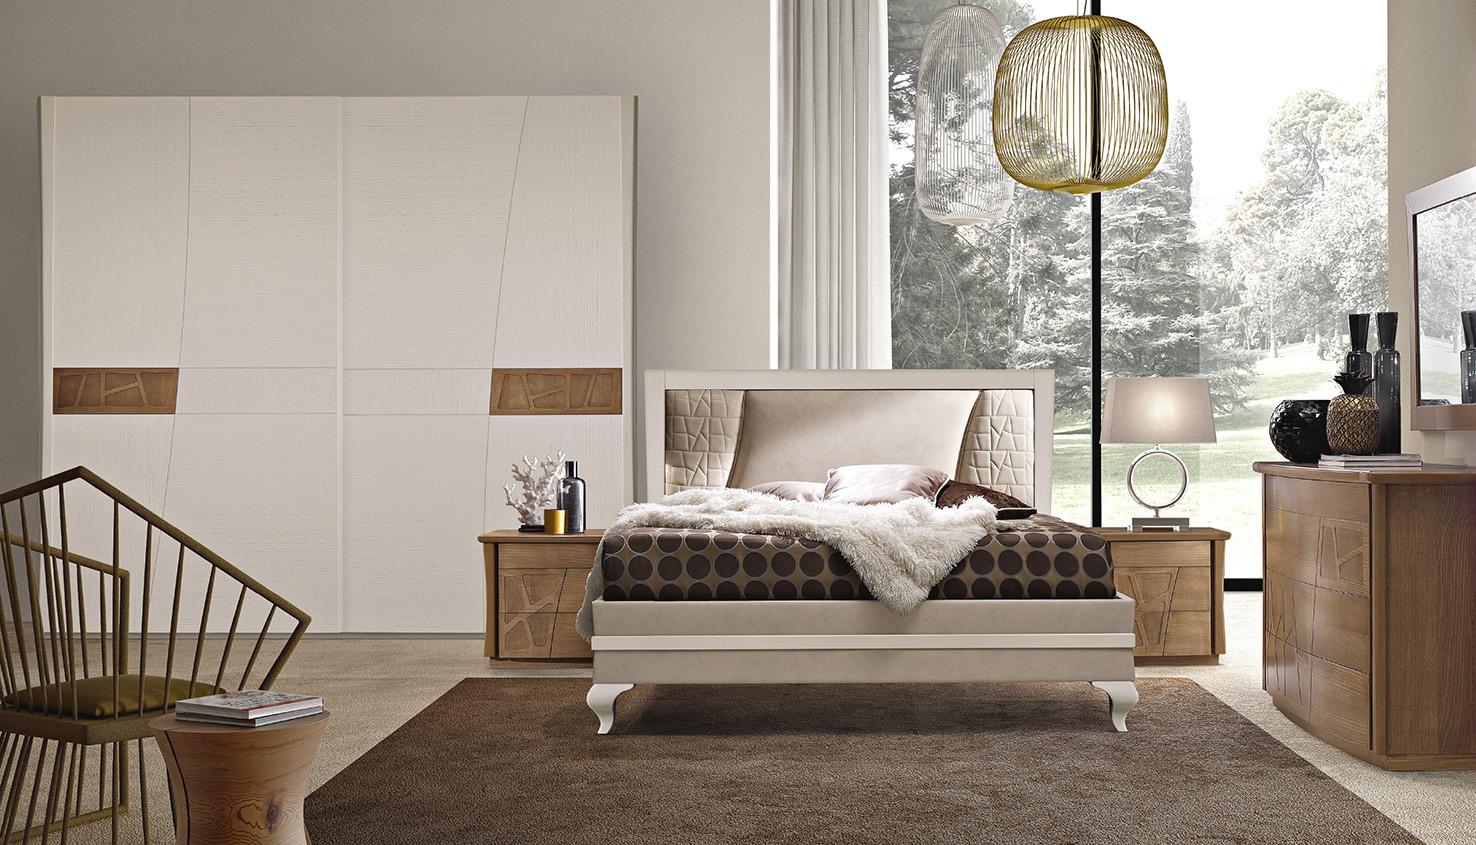 Camere da letto in pallet : camera da letto con pallet. camere da ...